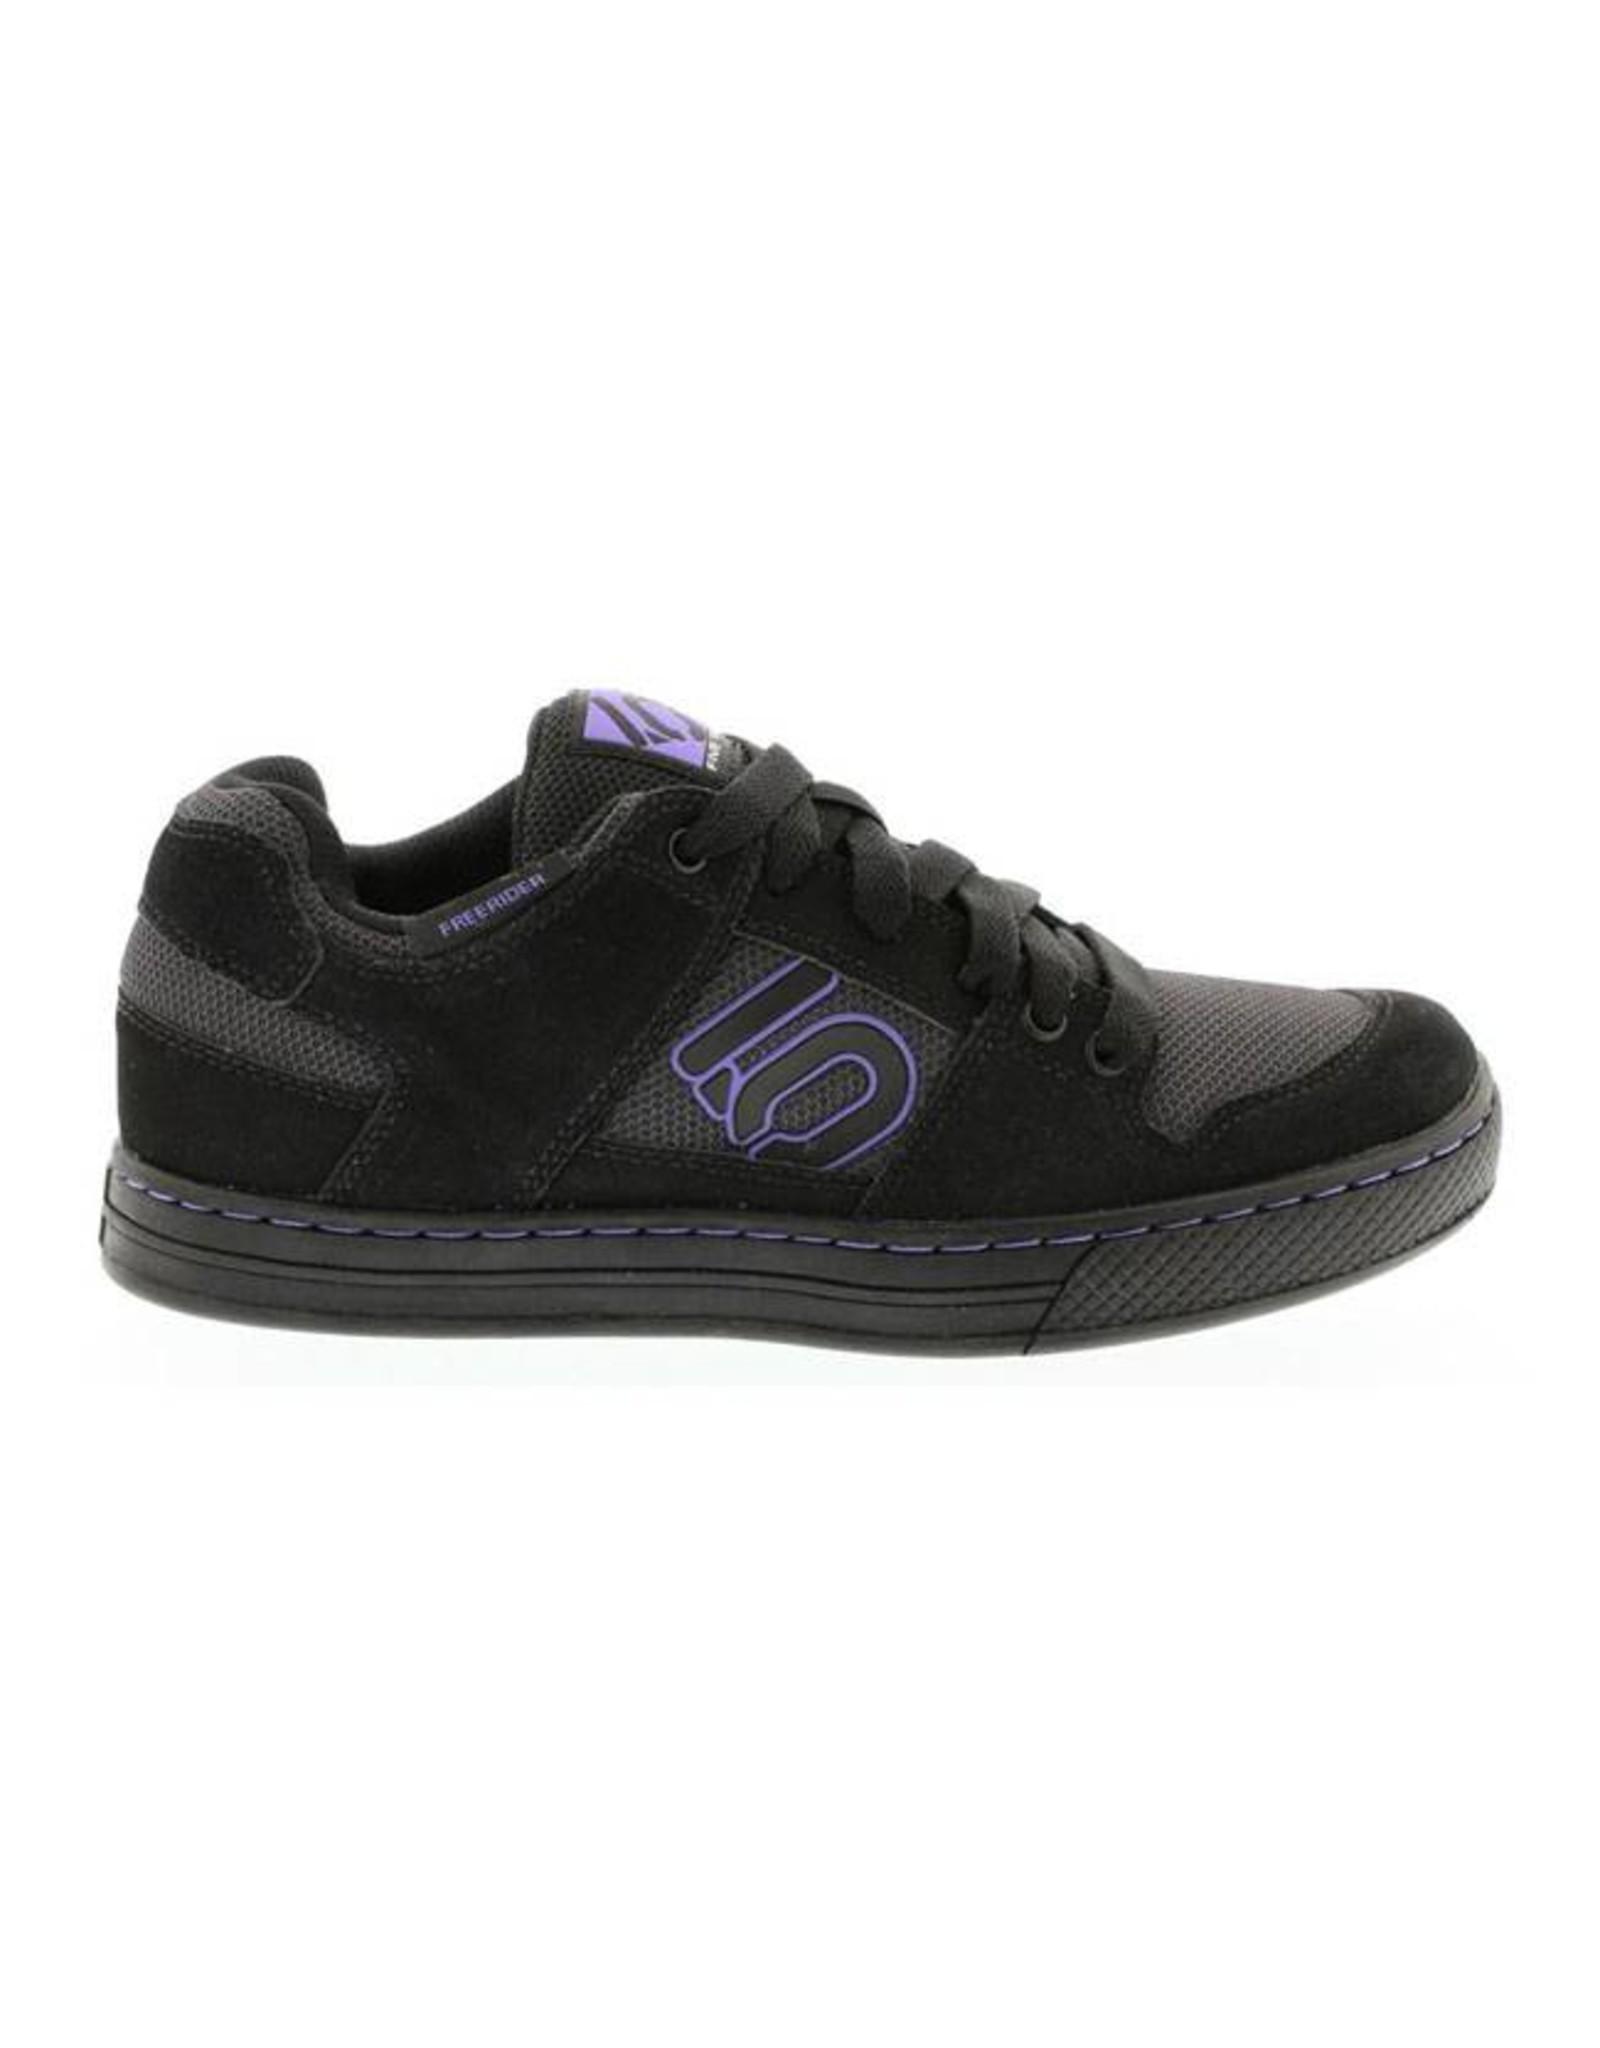 Five Ten Five Ten Freerider Women's Flat Pedal Shoe: Black/Purple 6.5